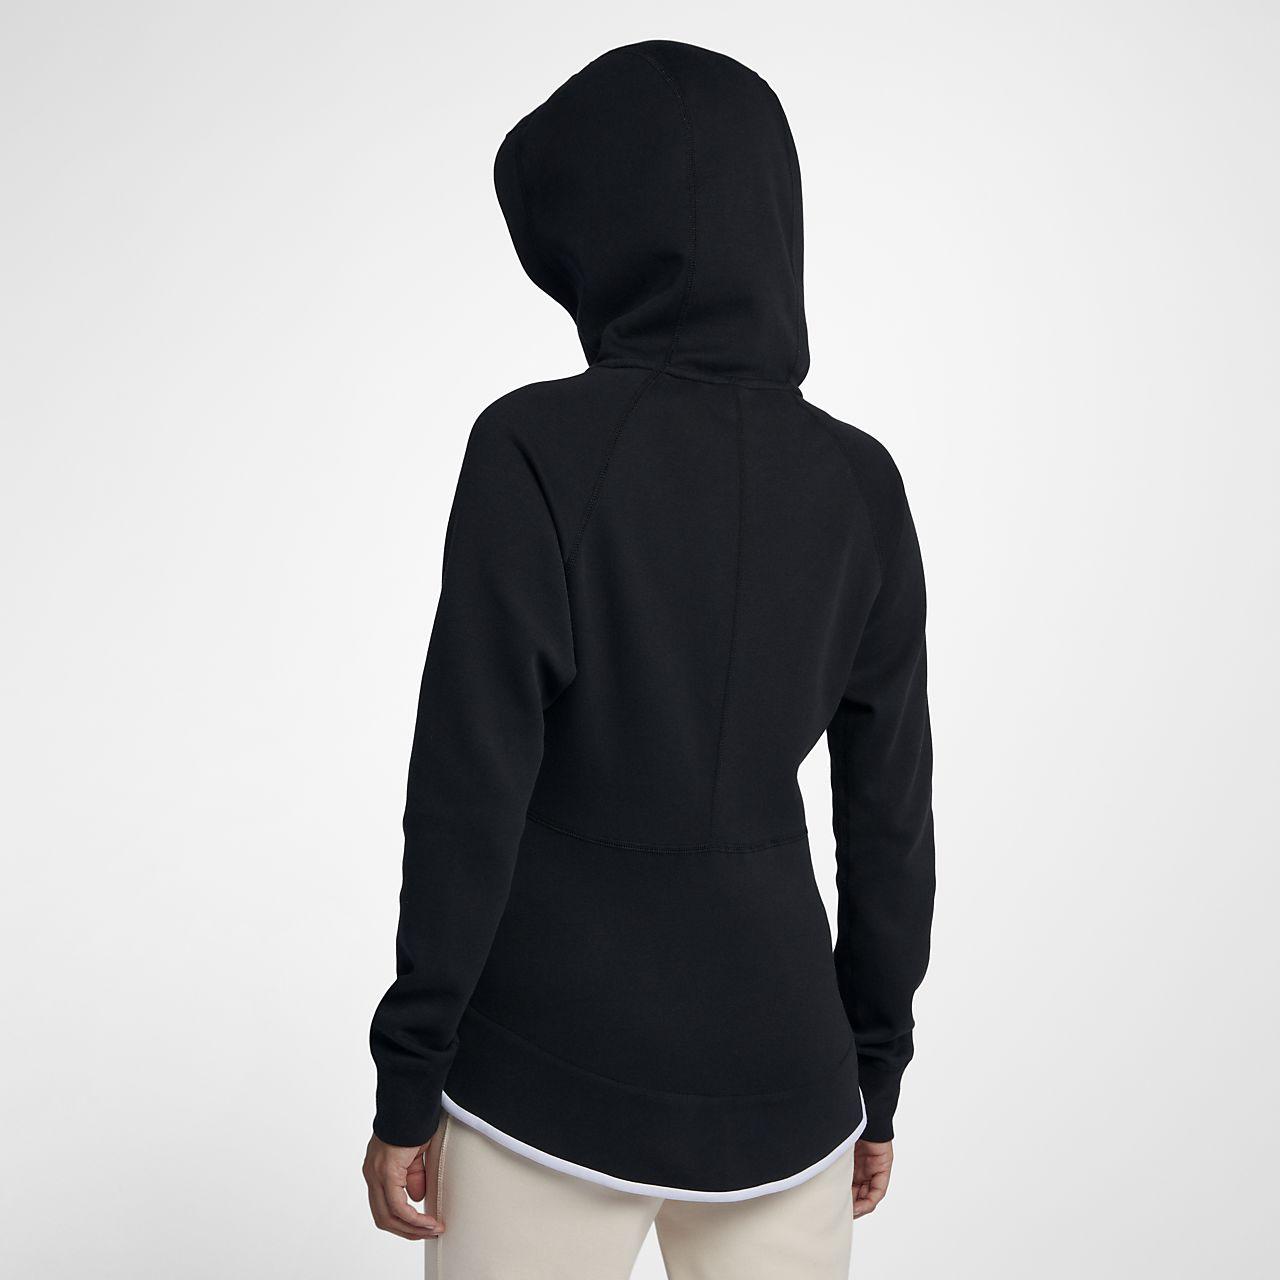 Nike Sportswear Tech Fleece Windrunner Women s Full-Zip Hoodie. Nike ... 8778efe304